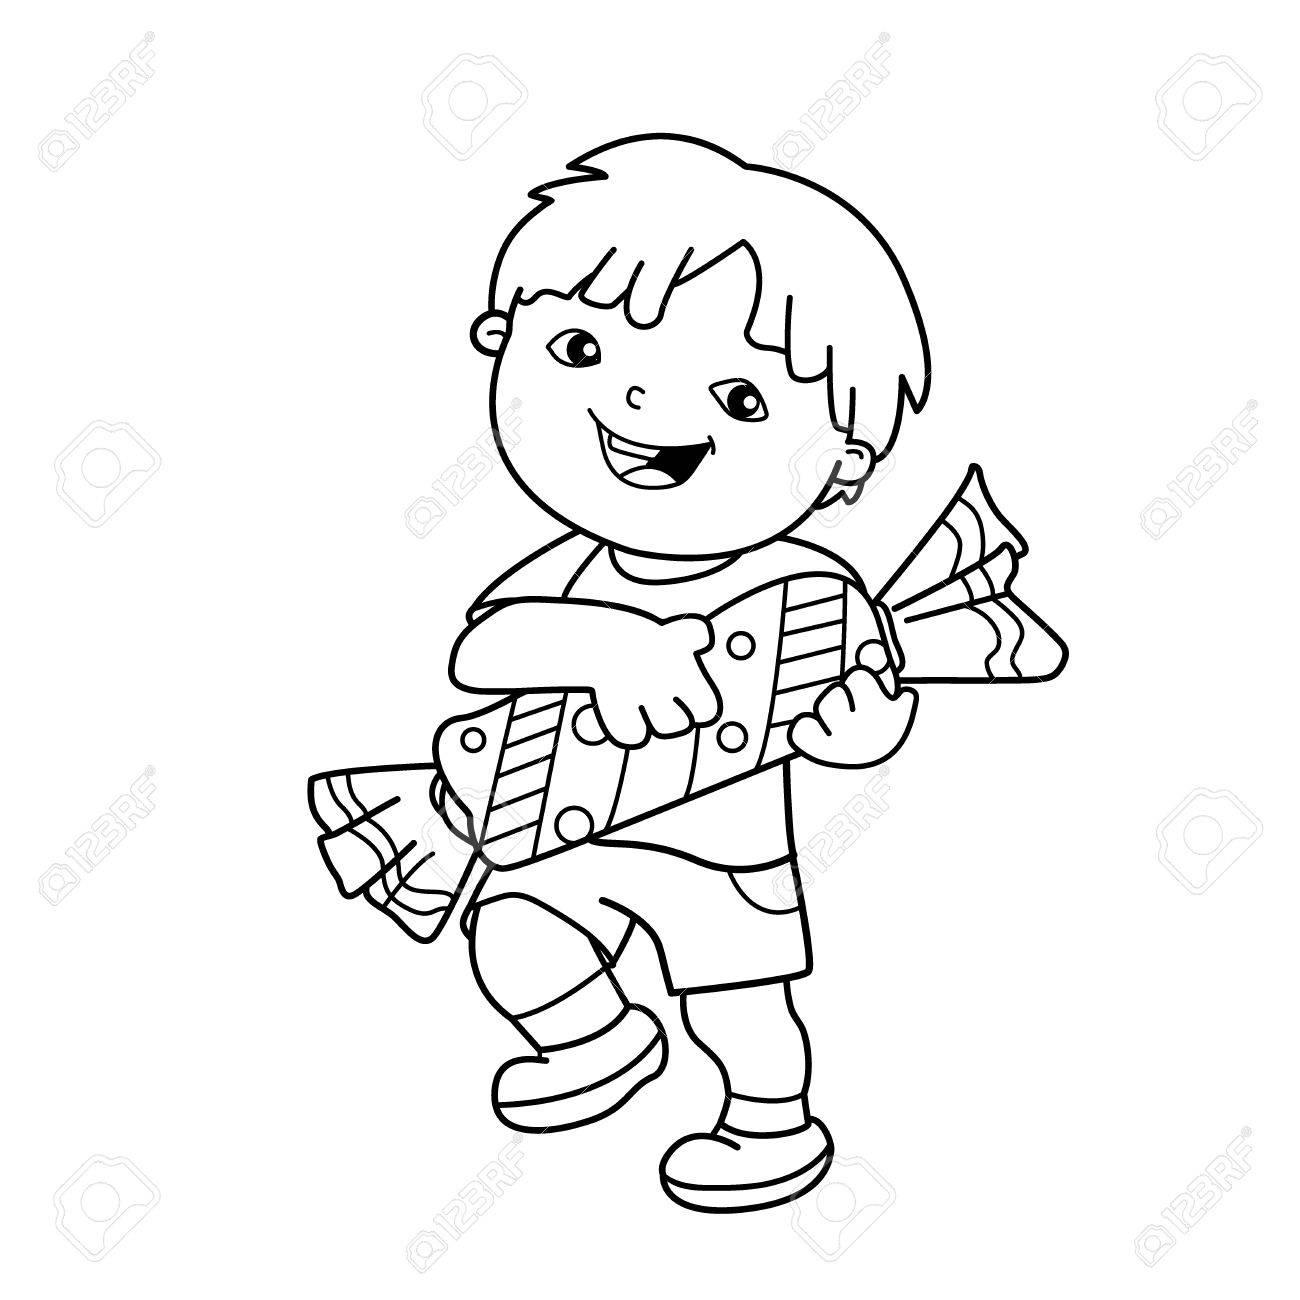 Färbung Seite Umriss Der Karikatur Junge Mit Mit Süßigkeiten ...